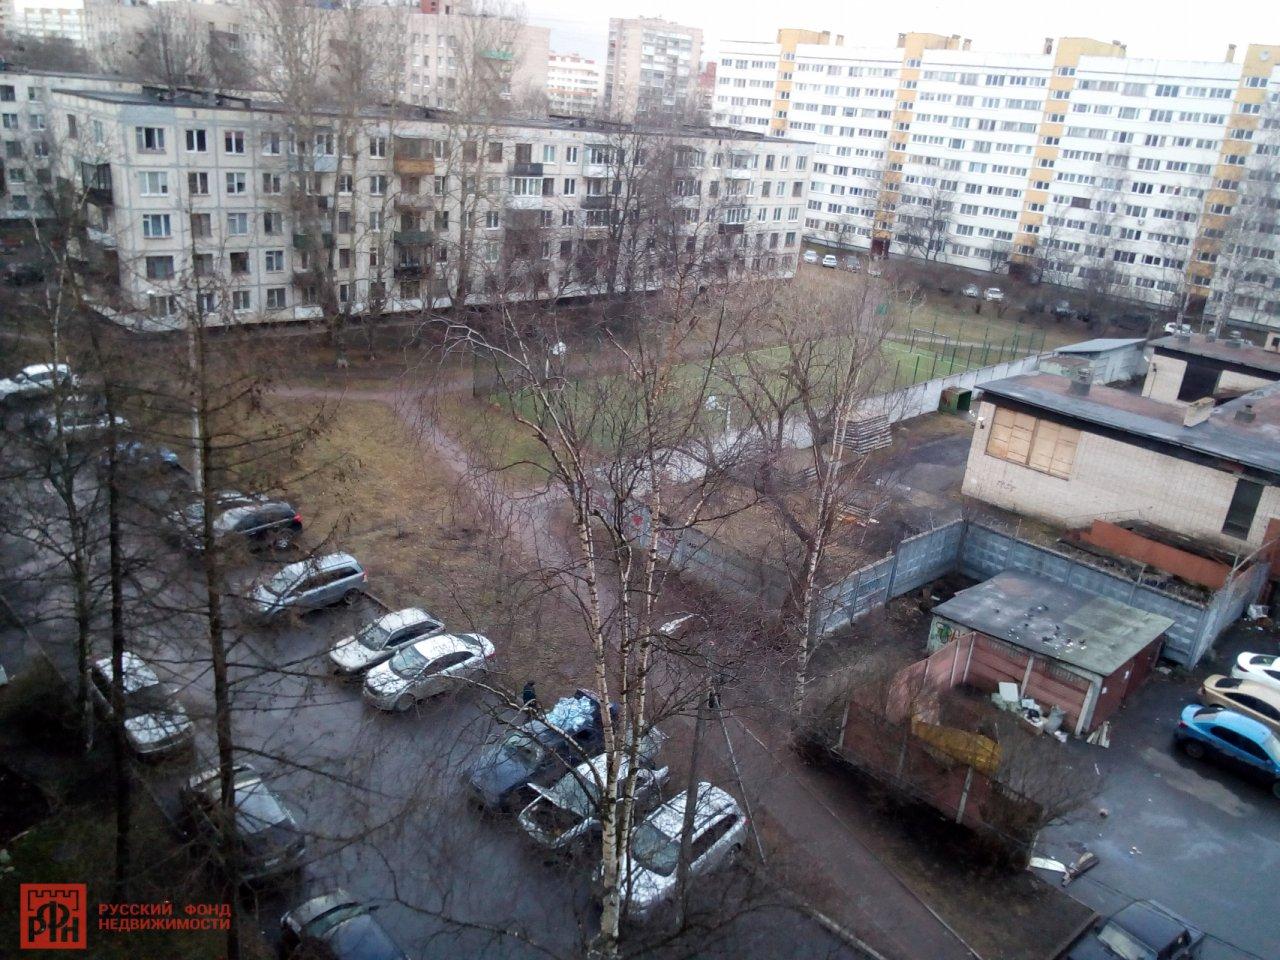 Партизана Германа ул., д 41, корпус 3